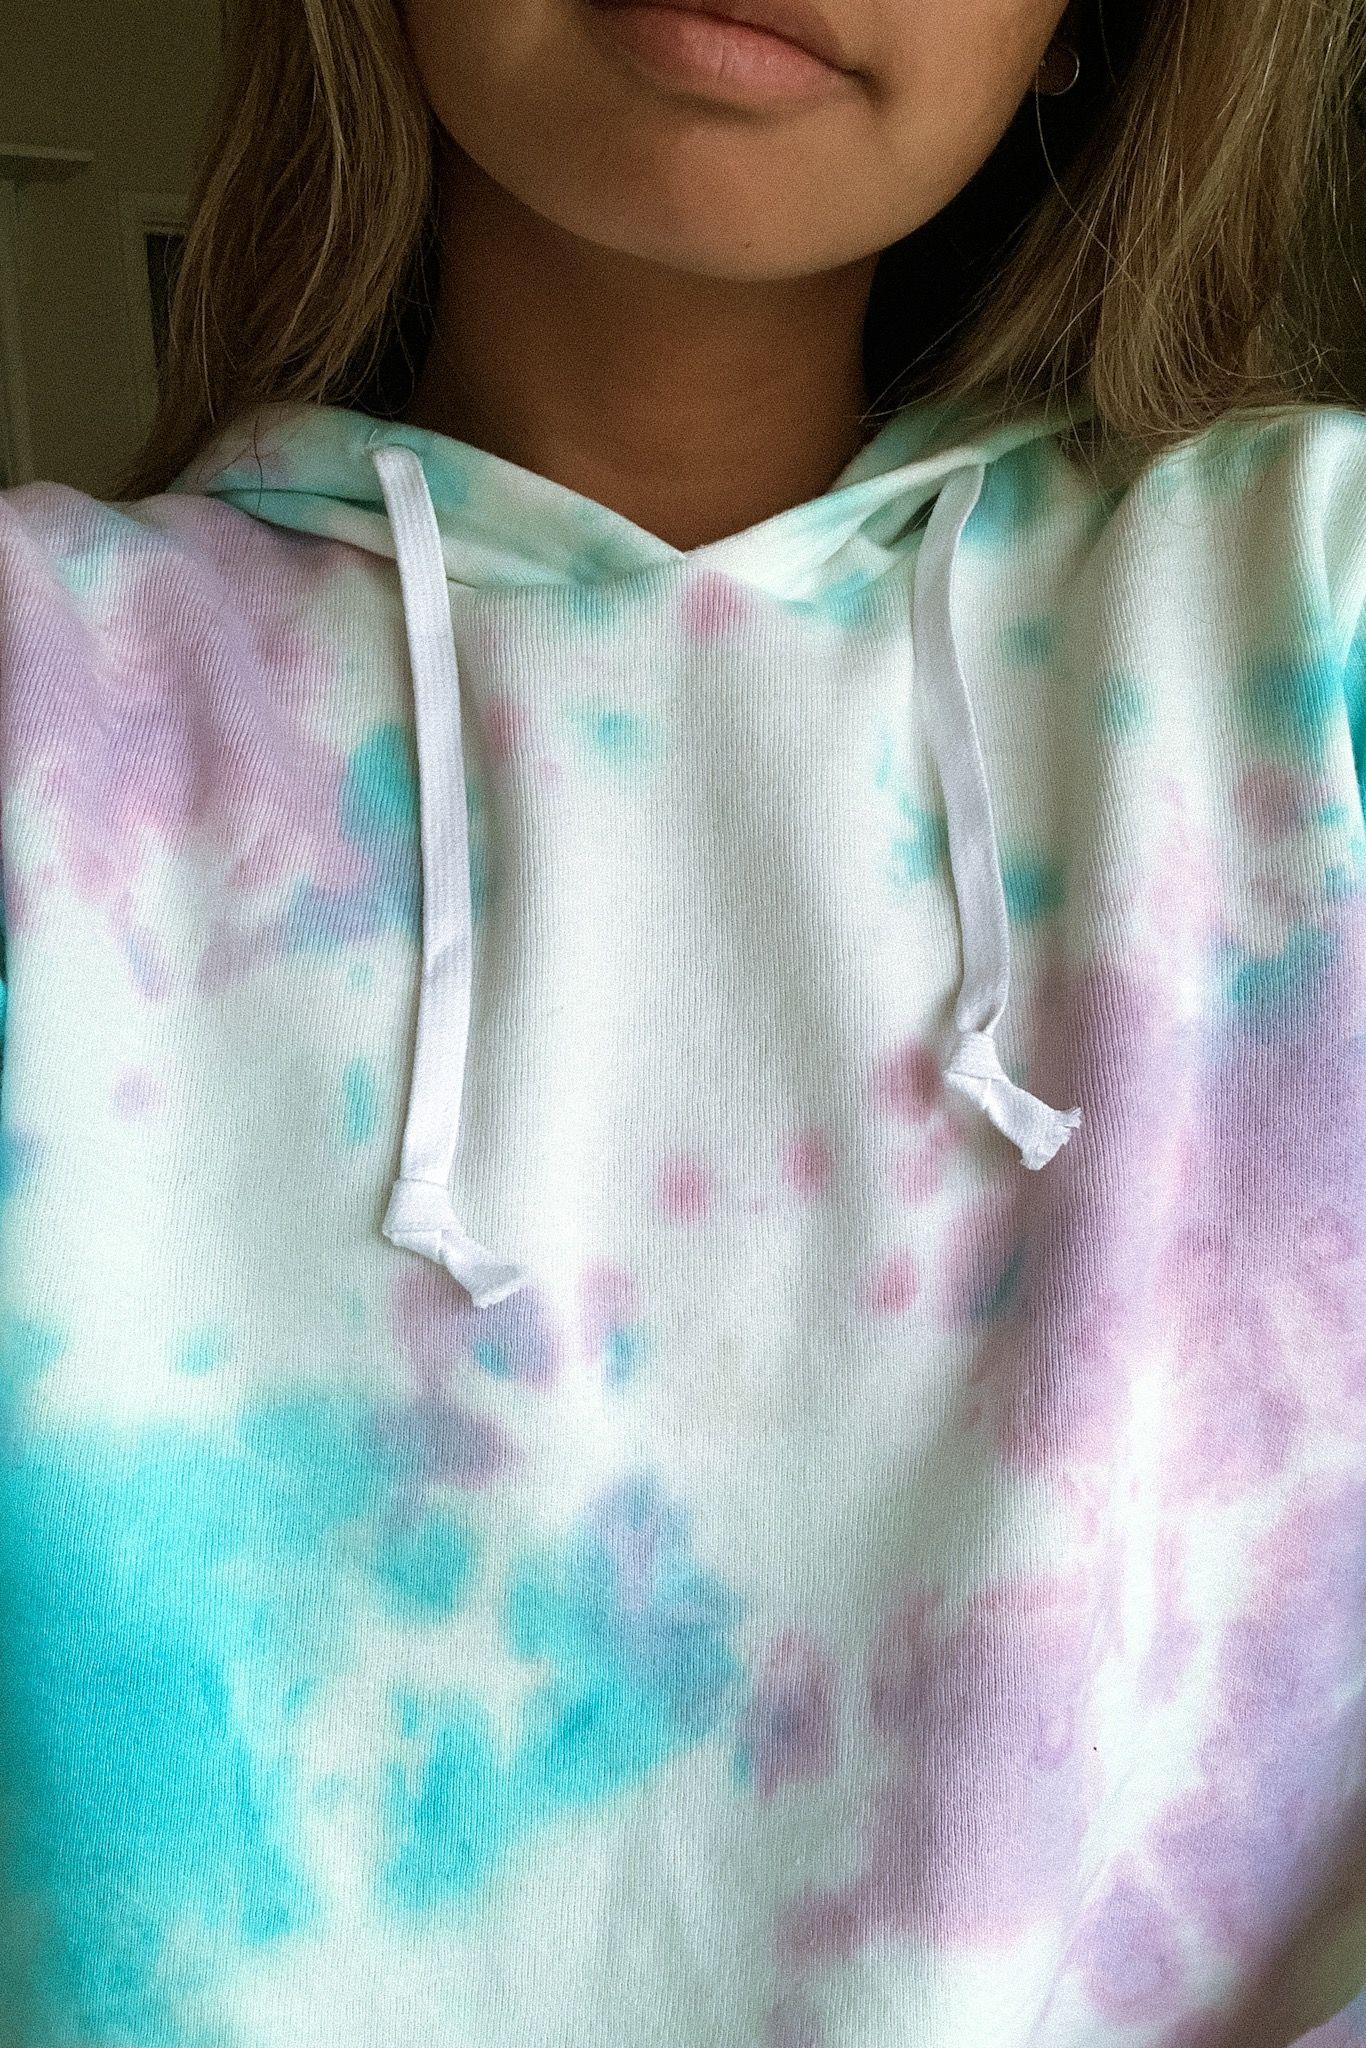 Cotton Candy Desert Dreamer La Tie Dye Tie Dye Hoodie Tie Dye Cotton [ 2048 x 1366 Pixel ]